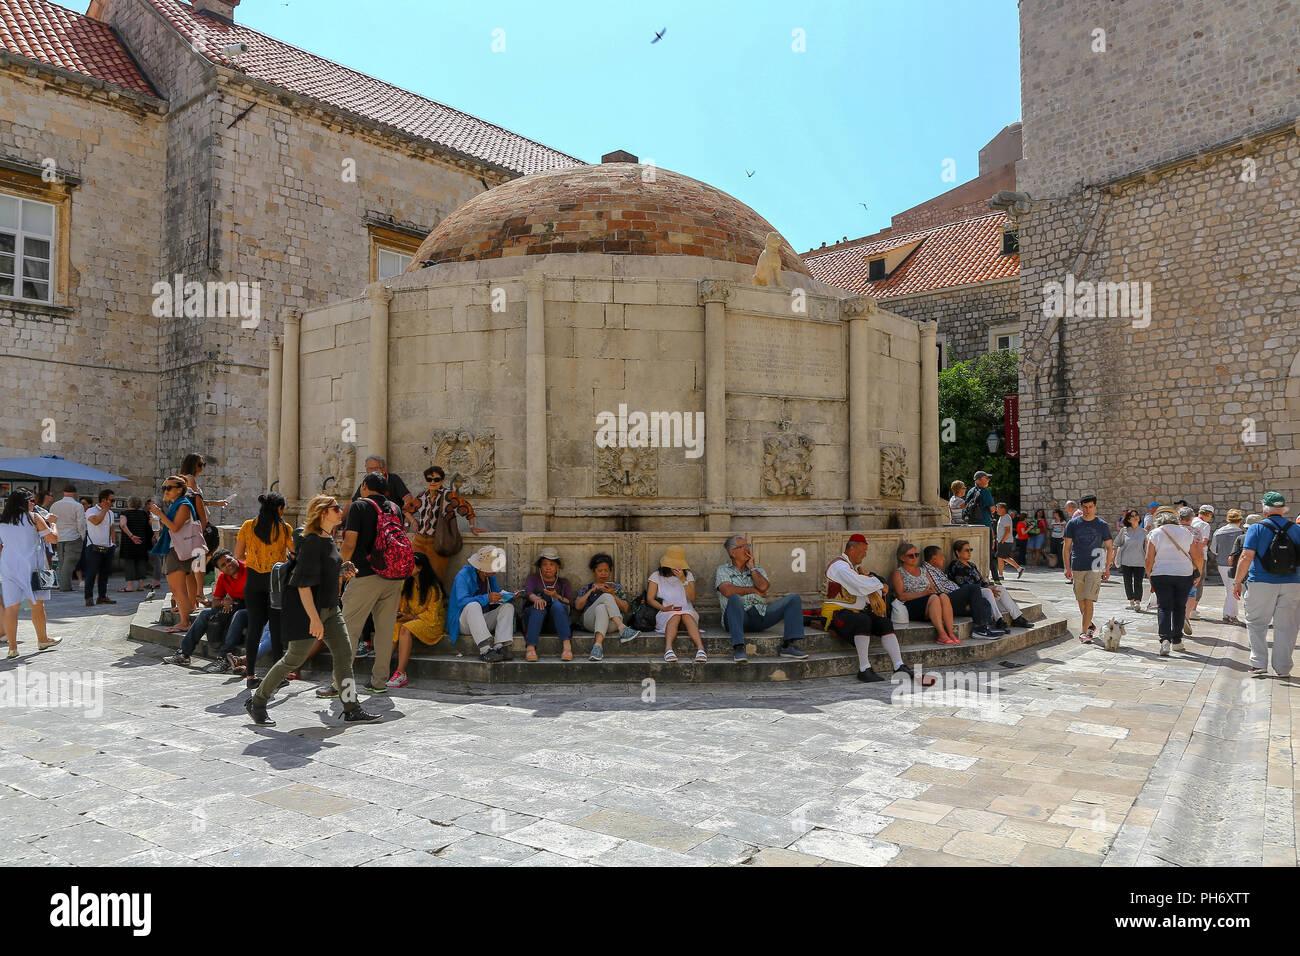 Rassemblement de touristes autour de la grande fontaine d'Onofrio ou grande fontaine d'Onofrio l'intérieur des murs de la ville de la vieille ville, Dubrovnik, Croatie Banque D'Images